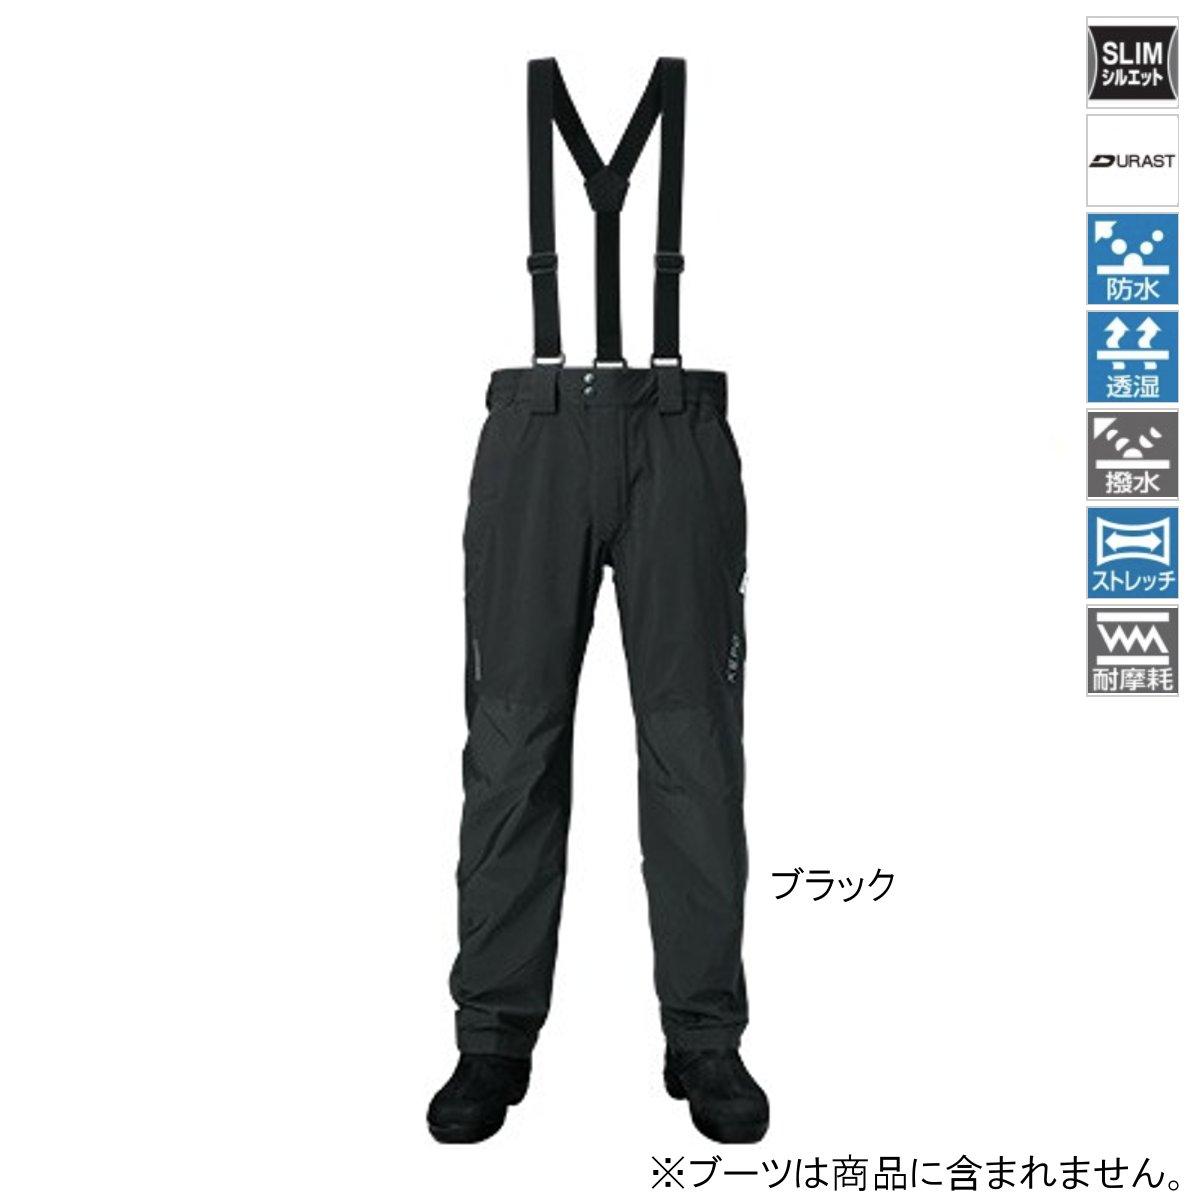 シマノ XEFO・DURASTレインパンツ RA-22PS 2XL ブラック【送料無料】